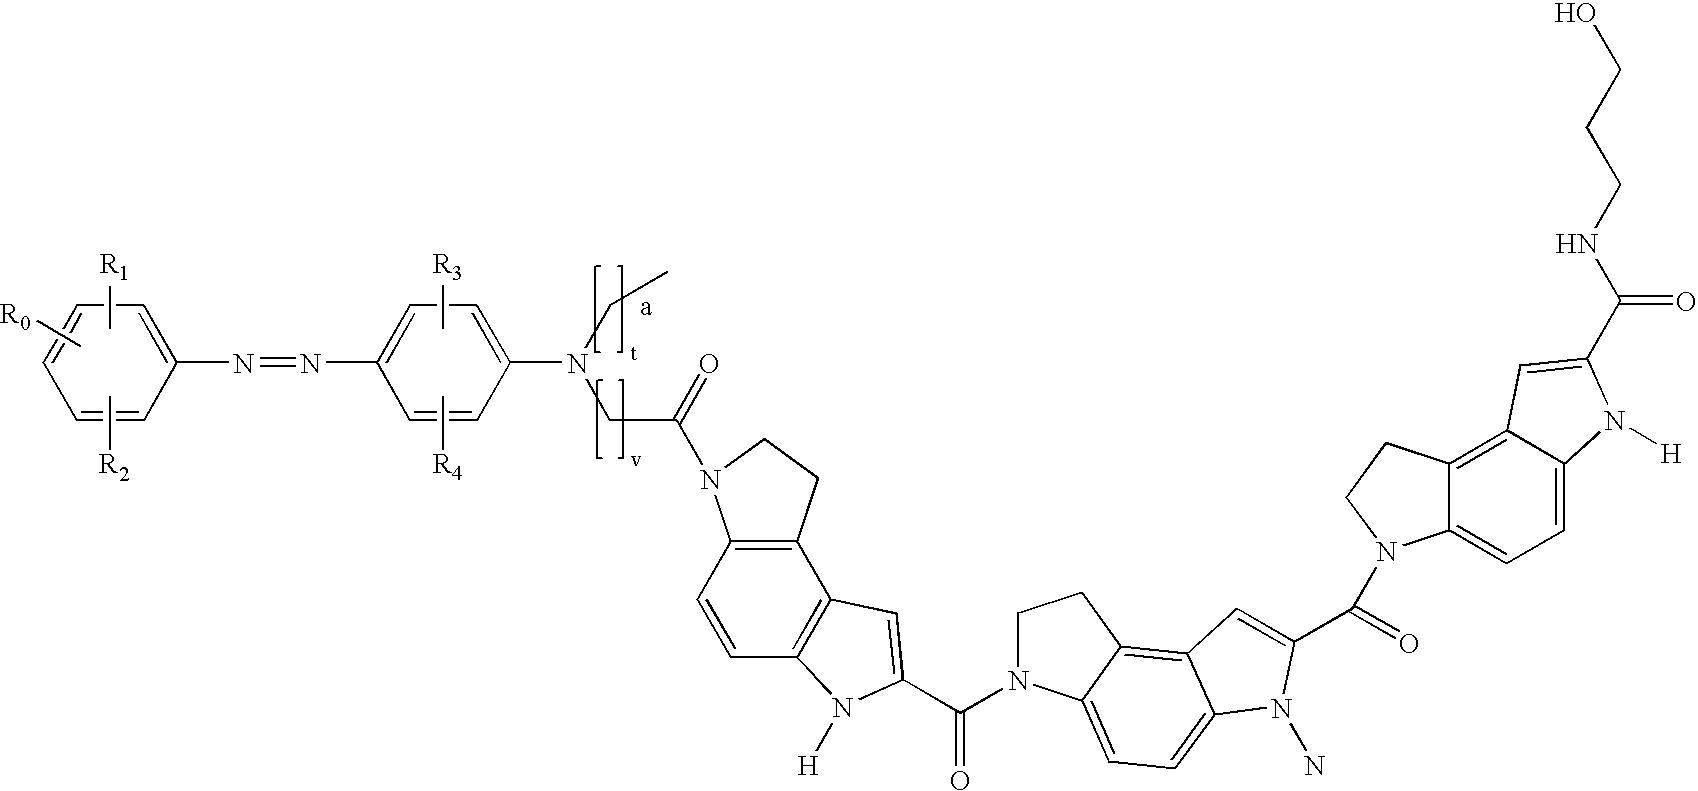 Figure US20040191796A1-20040930-C00056